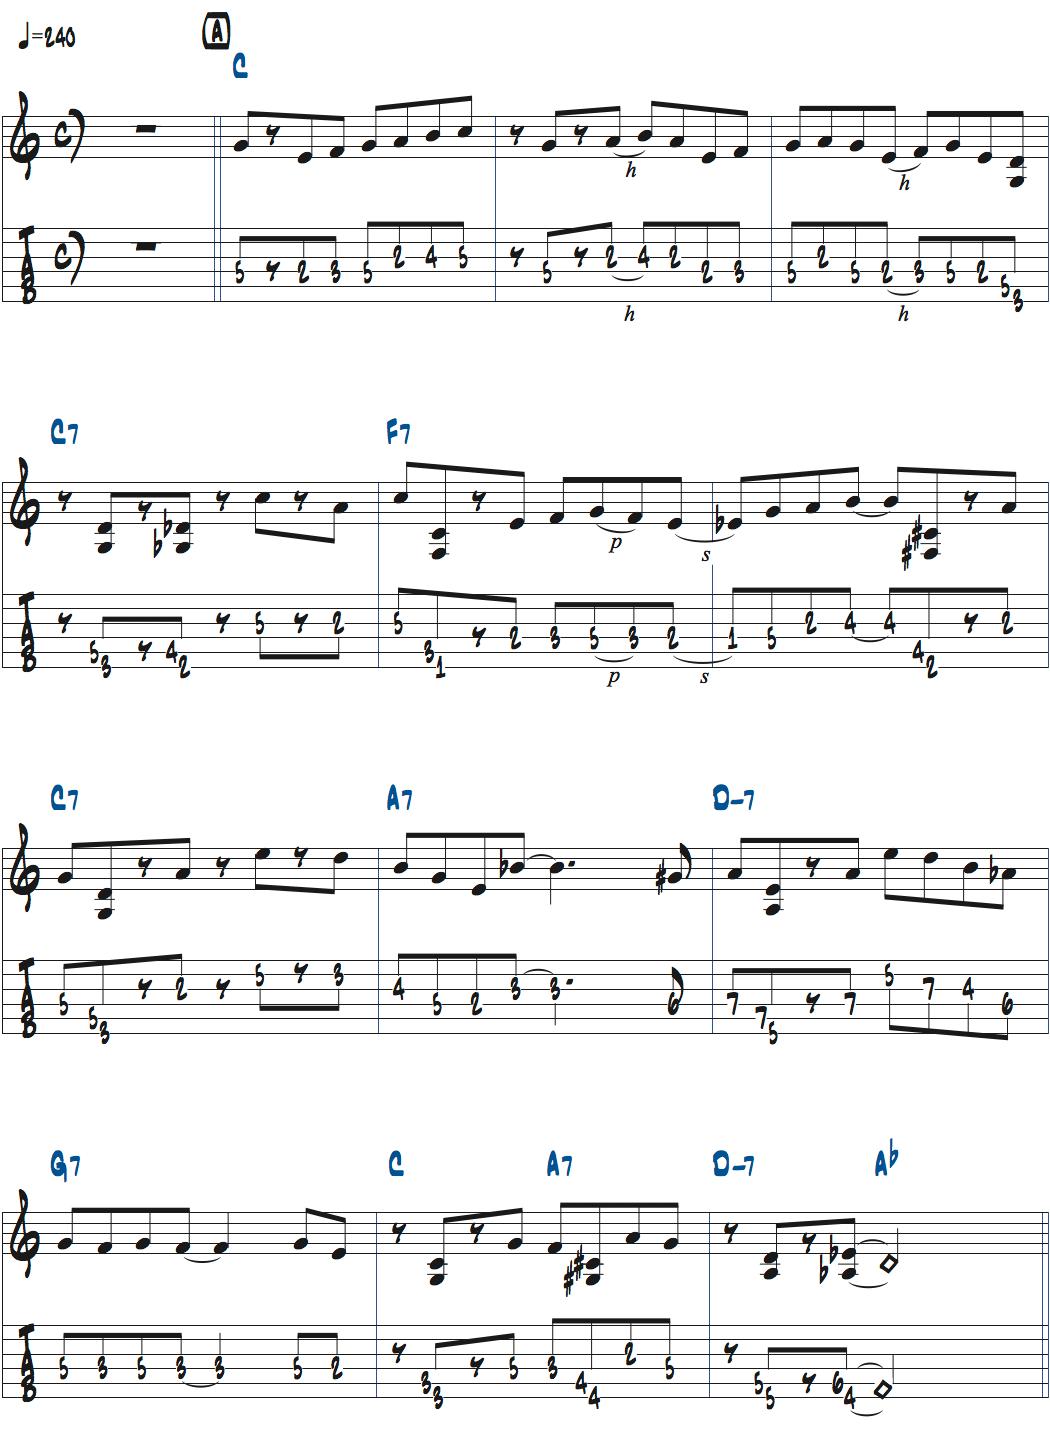 Mike MorenoのPerhapsメロディ1コーラス目楽譜